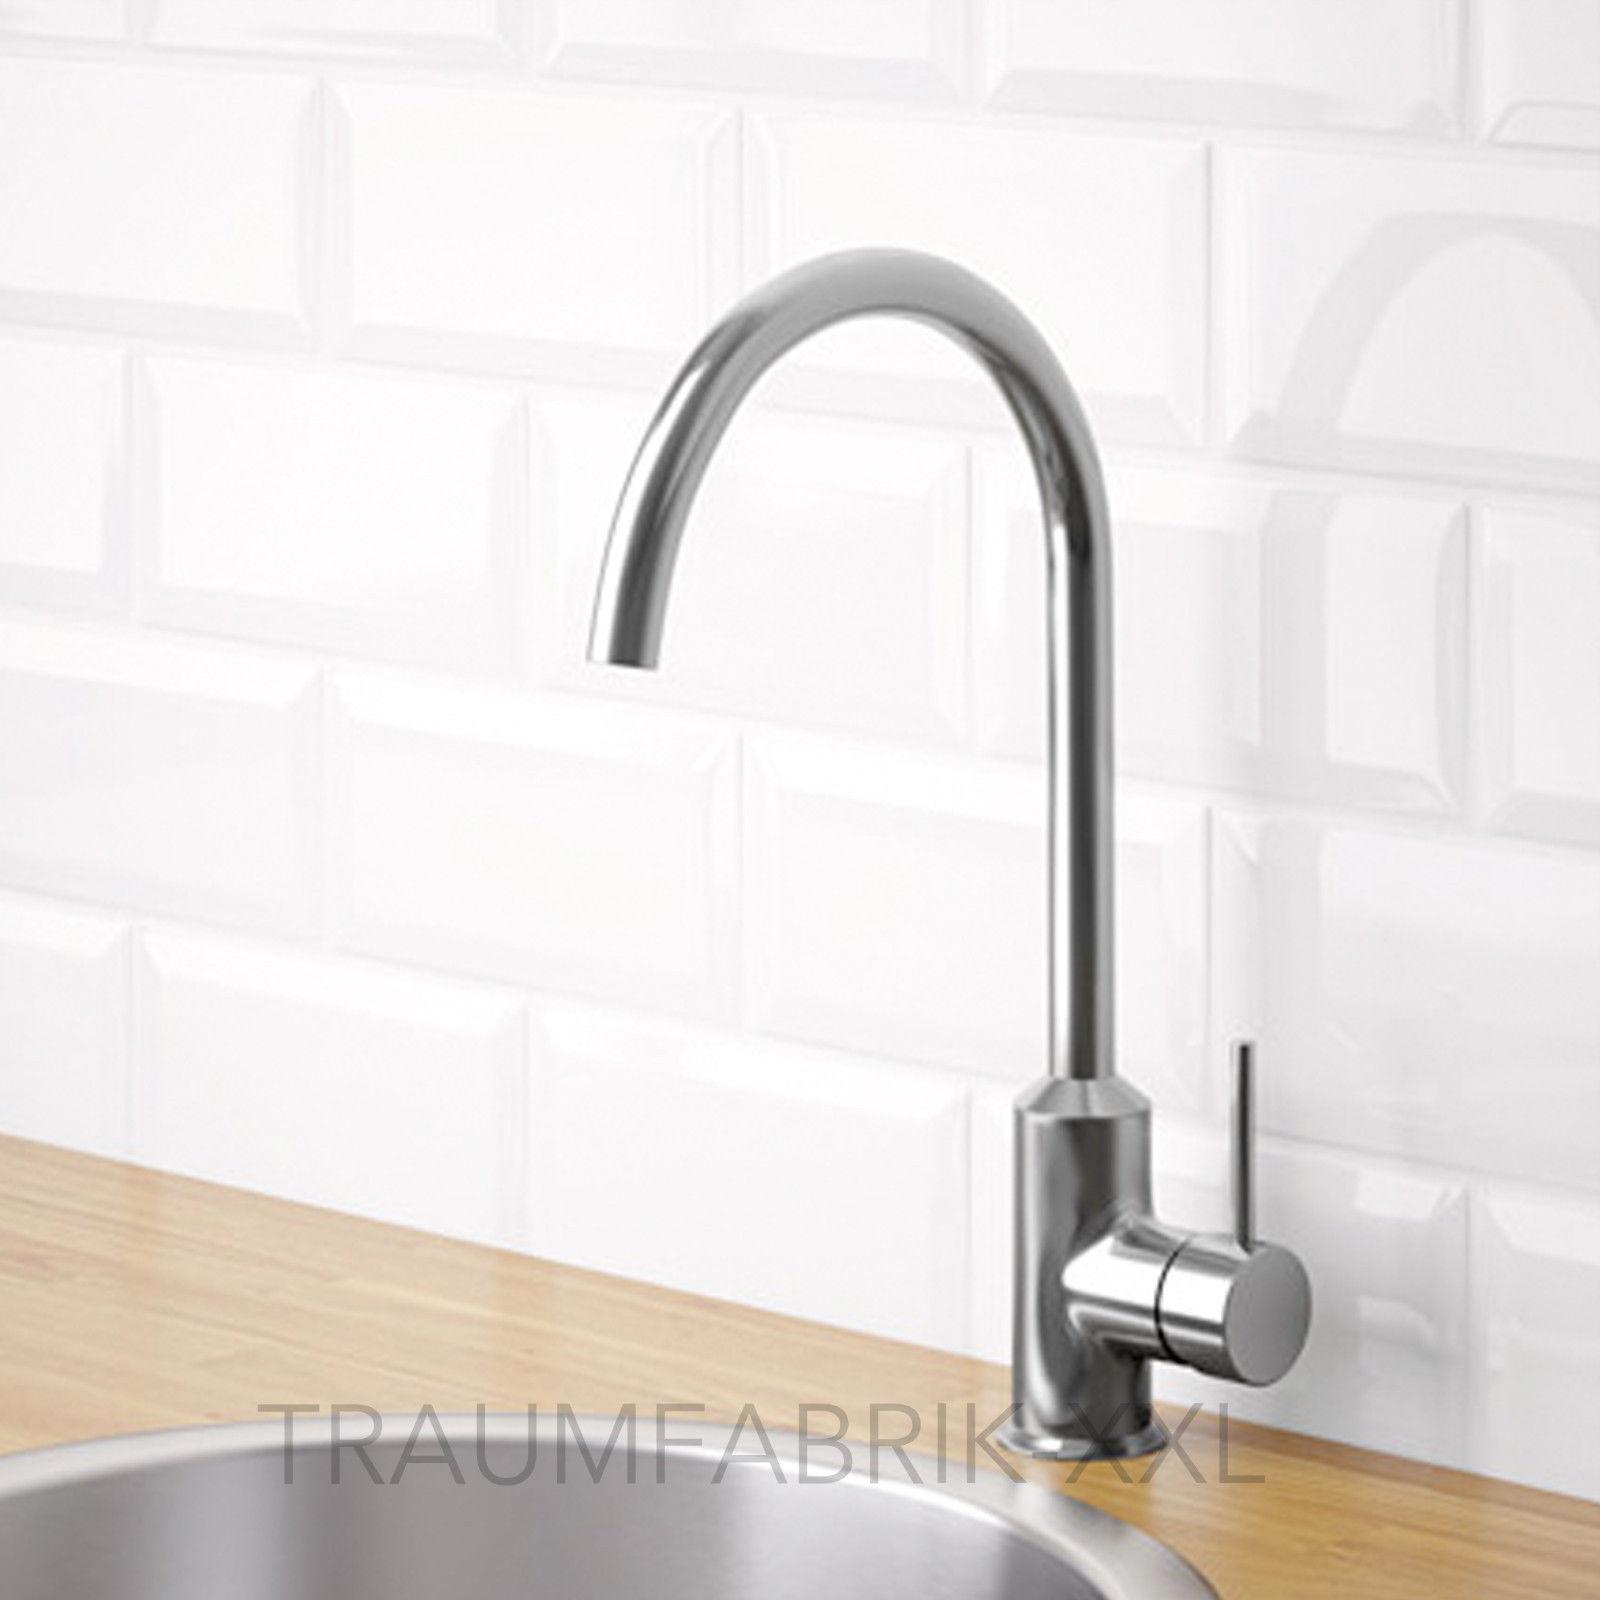 ikea waschmaschinenschrank k che wasserhahn k che aufbau. Black Bedroom Furniture Sets. Home Design Ideas